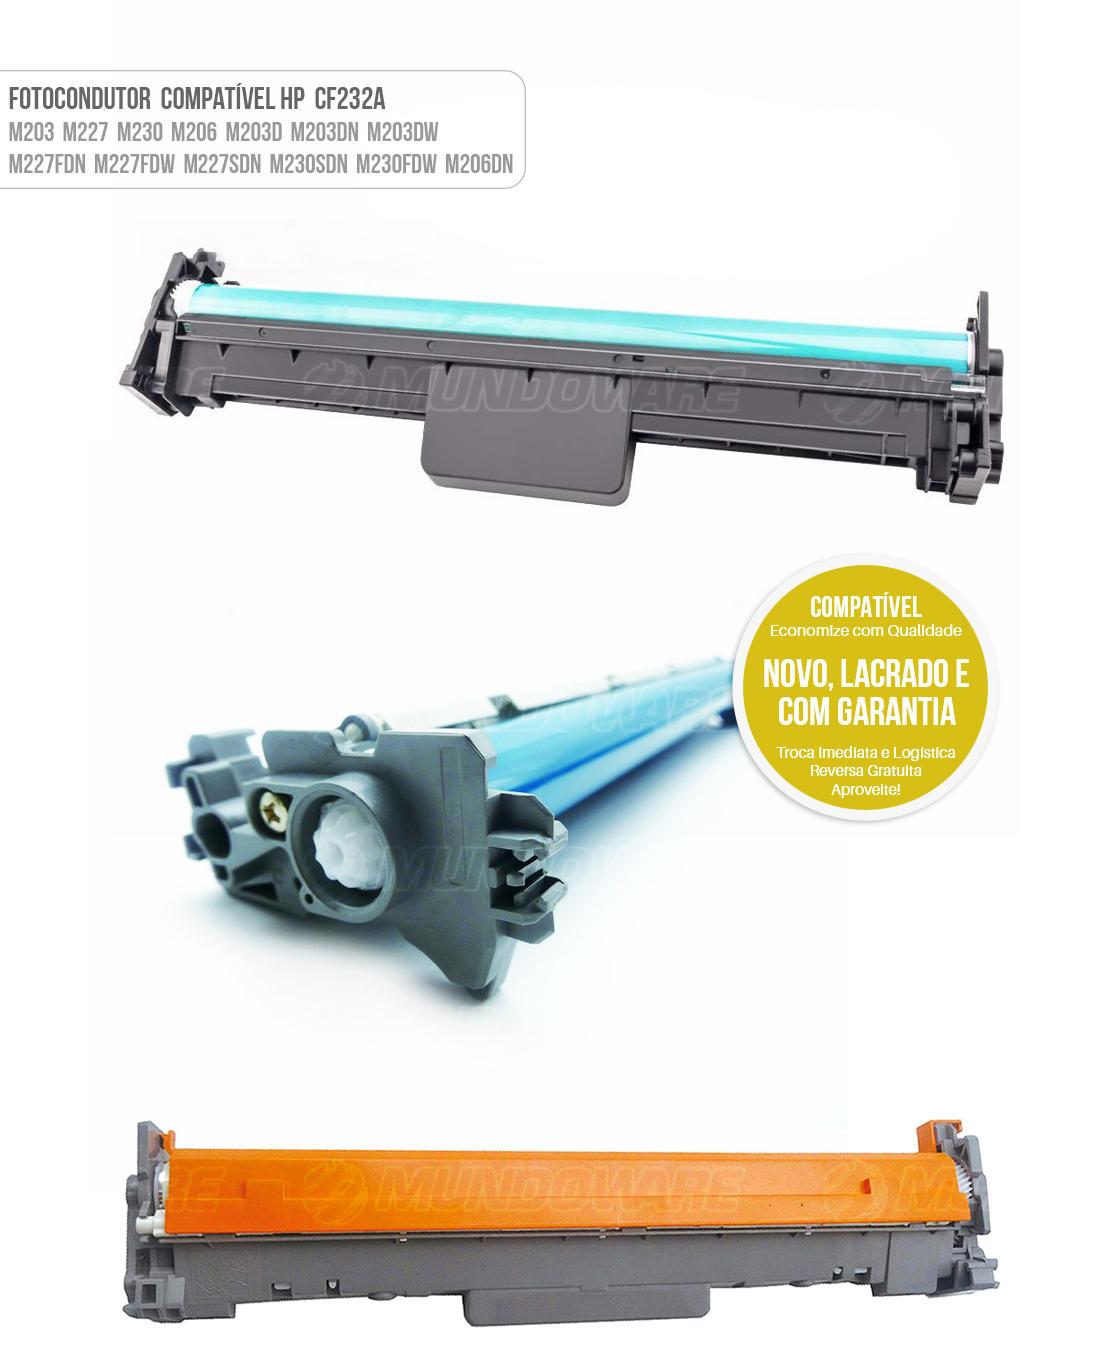 Cartucho de Cilindro Fotocondutor Compatível CF232 DR232A para impressora HP M203 M230 M206